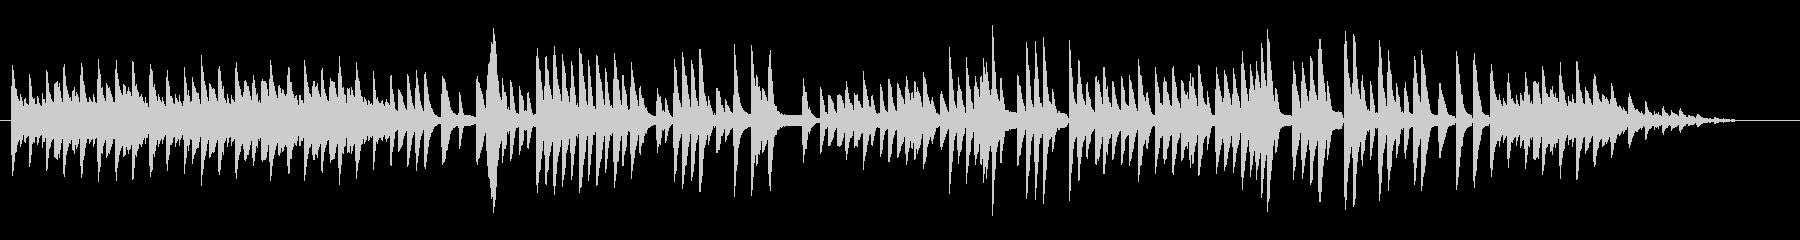 8bit -亡き王女のためのパヴァーヌ-の未再生の波形